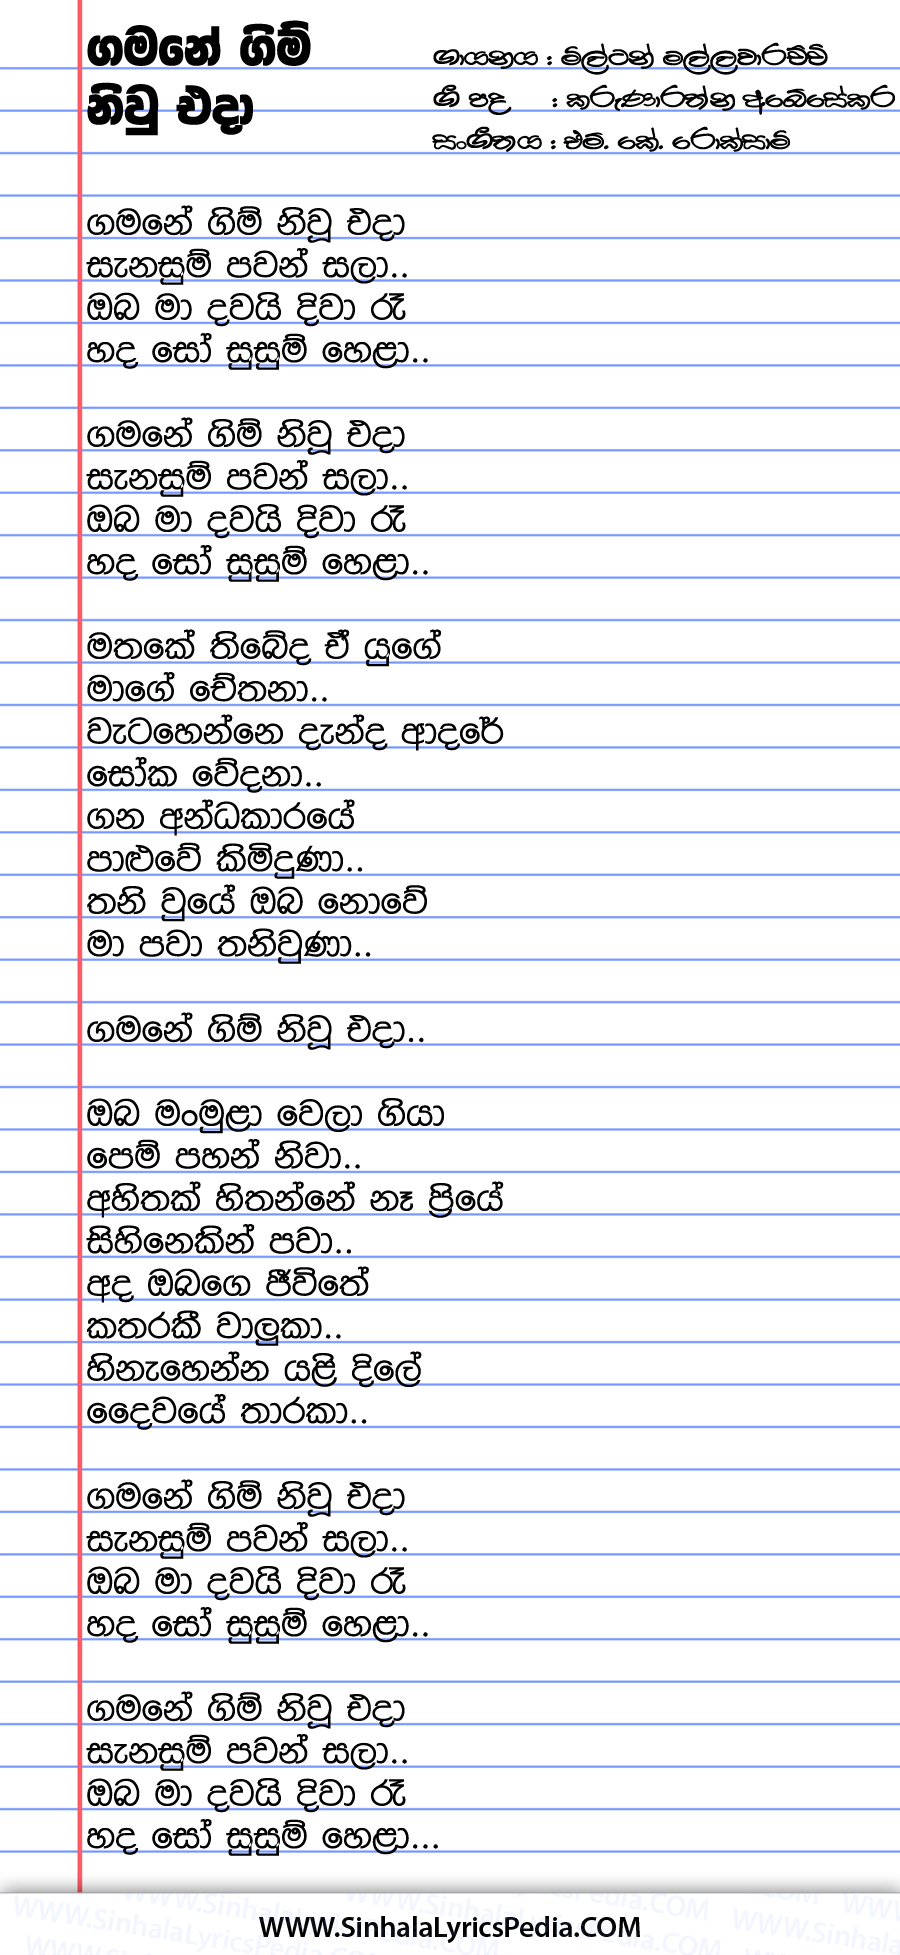 Gamane Gim Niwu Eda Song Lyrics